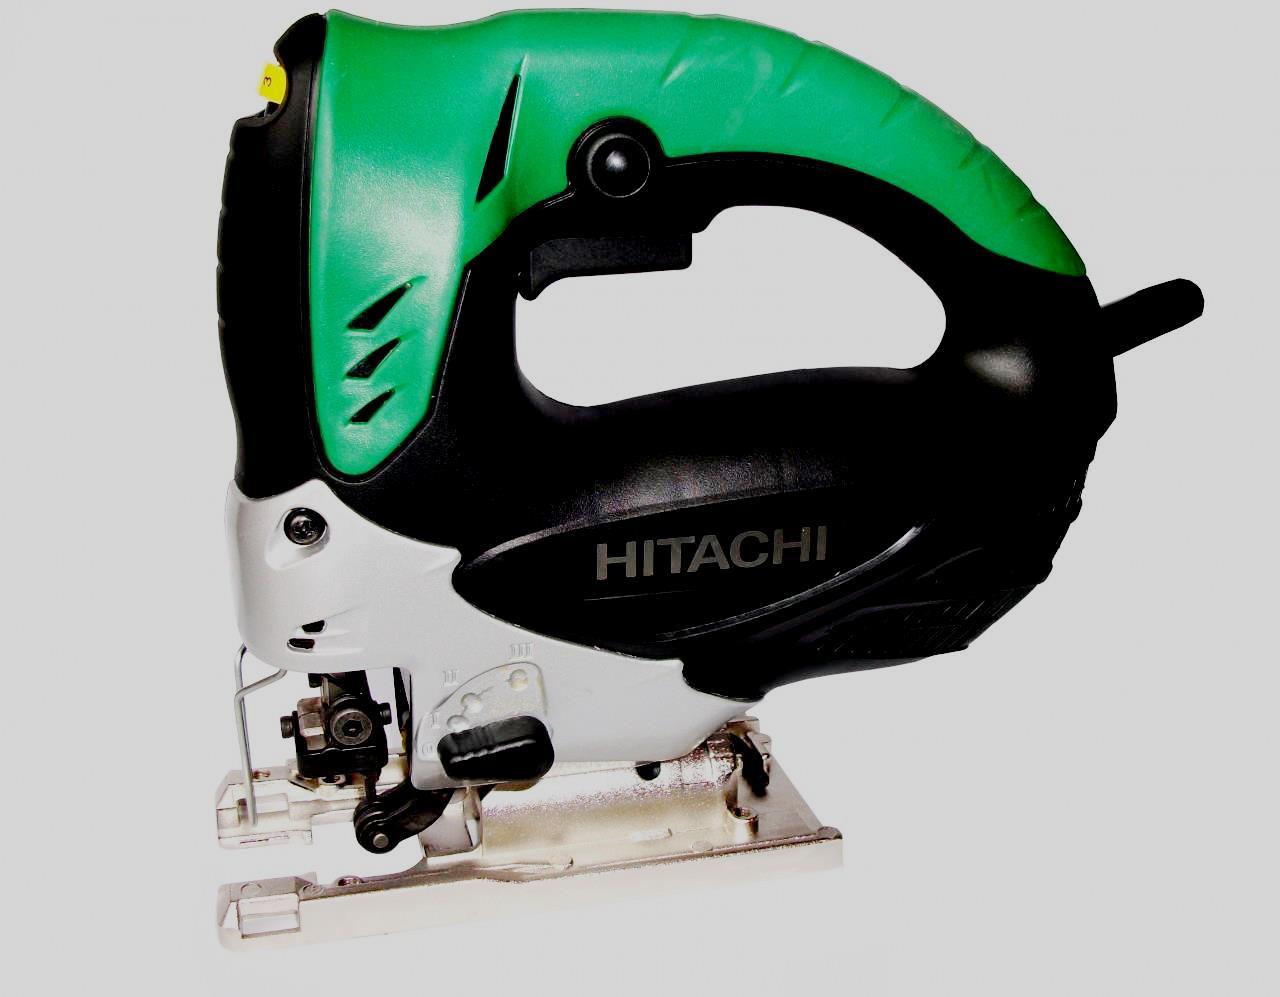 Hitachi CJ 90 VST